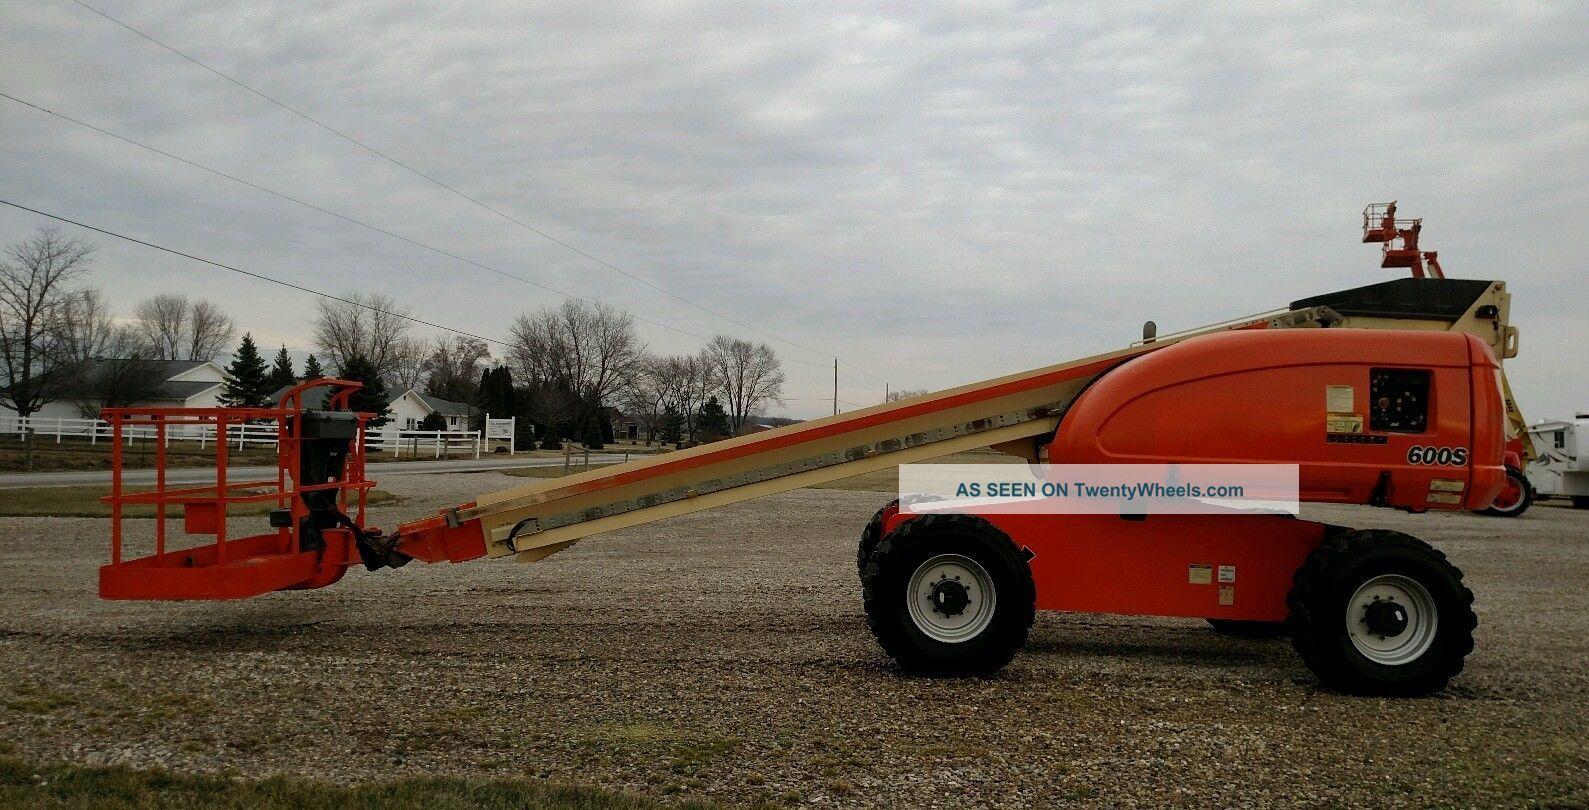 2007 Jlg 600s Boom Man Lift 60 ' Aerial Cat Diesel 4x4 1060 Hour Scissor & Boom Lifts photo